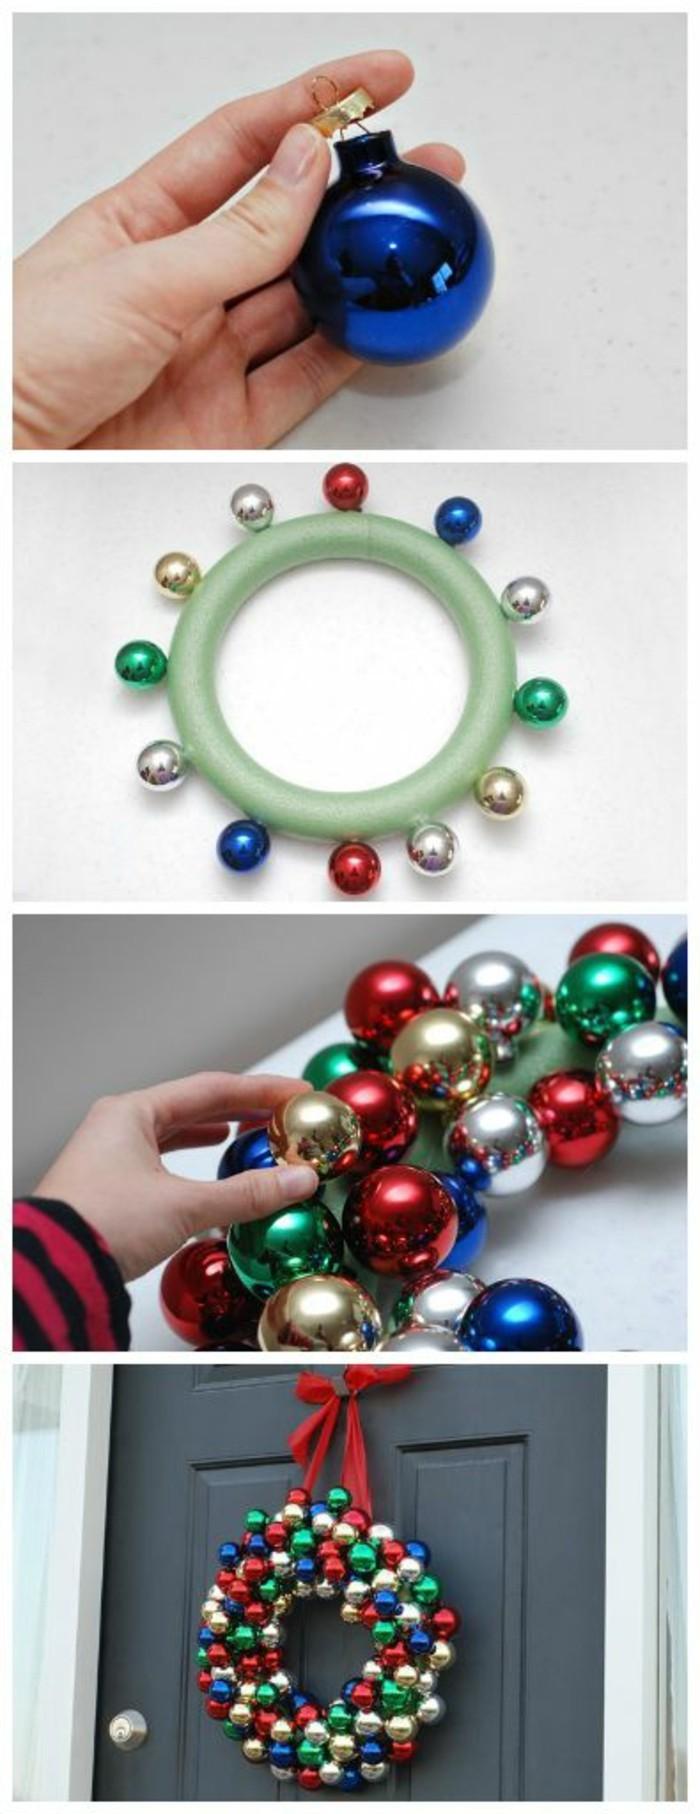 moderne-weihnachtsdeko-aus-bunten-weihnachtskugeln-selber-machen-graue-tuer